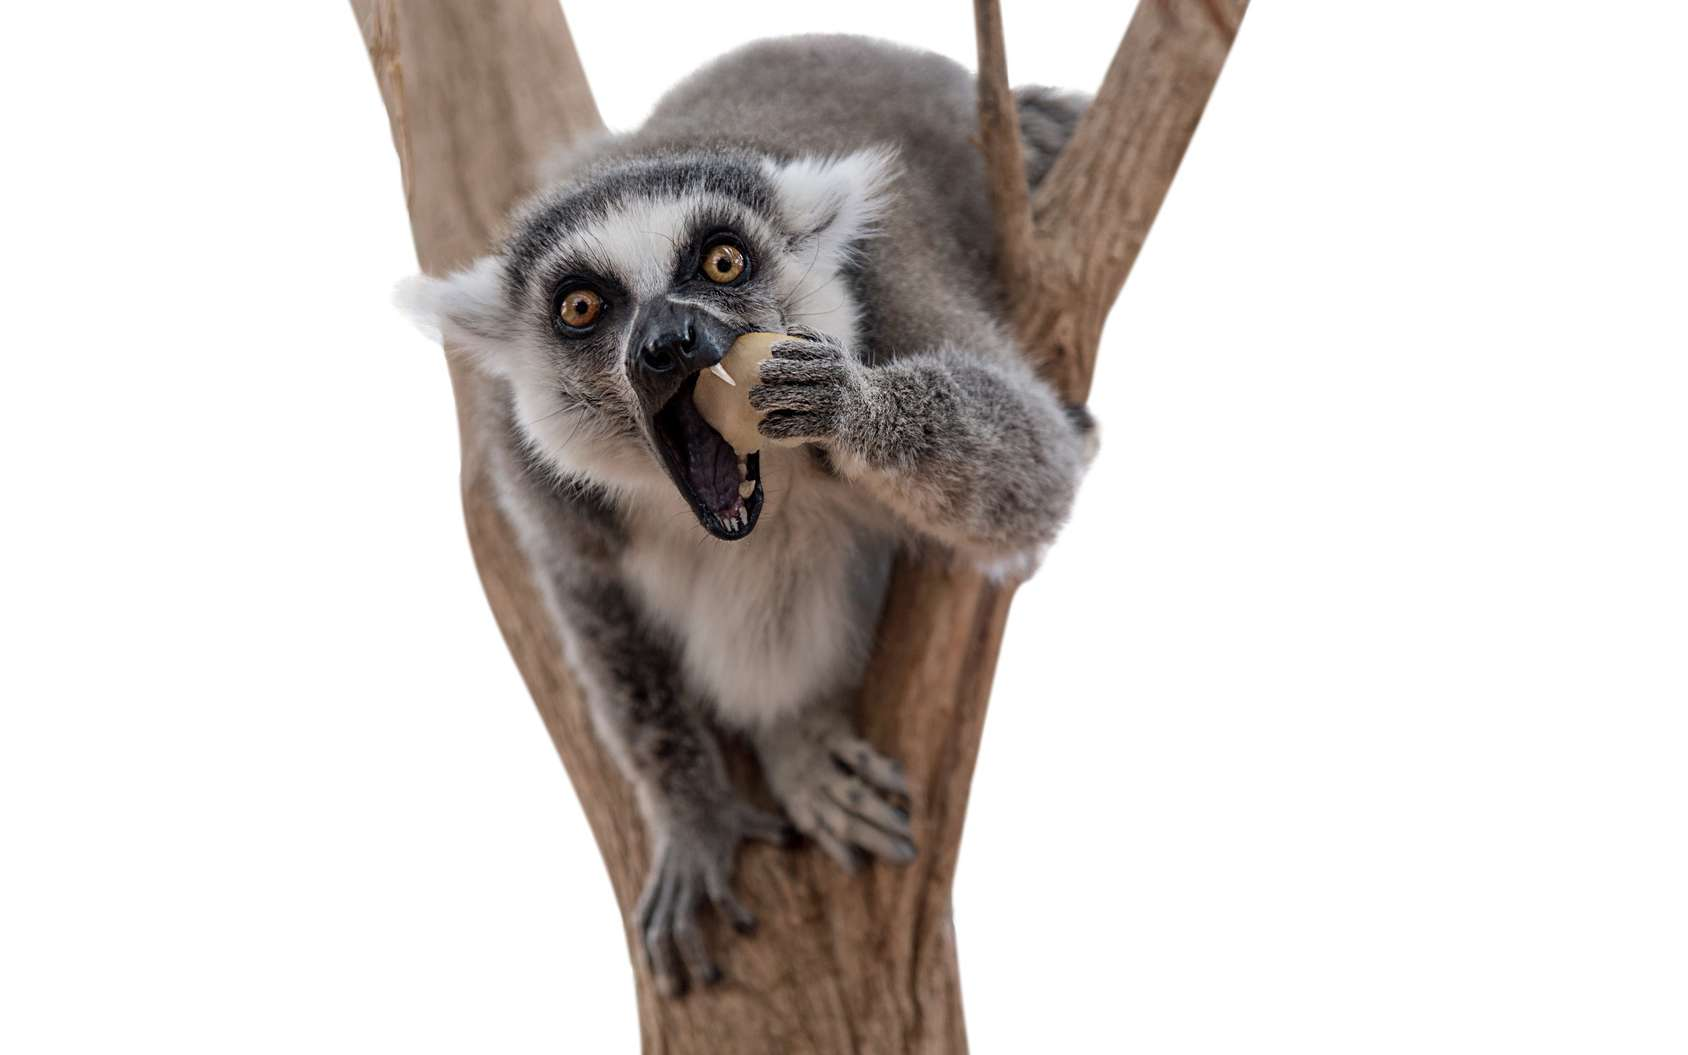 Certaines espèces de lémuriens sont menacées de disparition. © Theartofpics, Fotolia